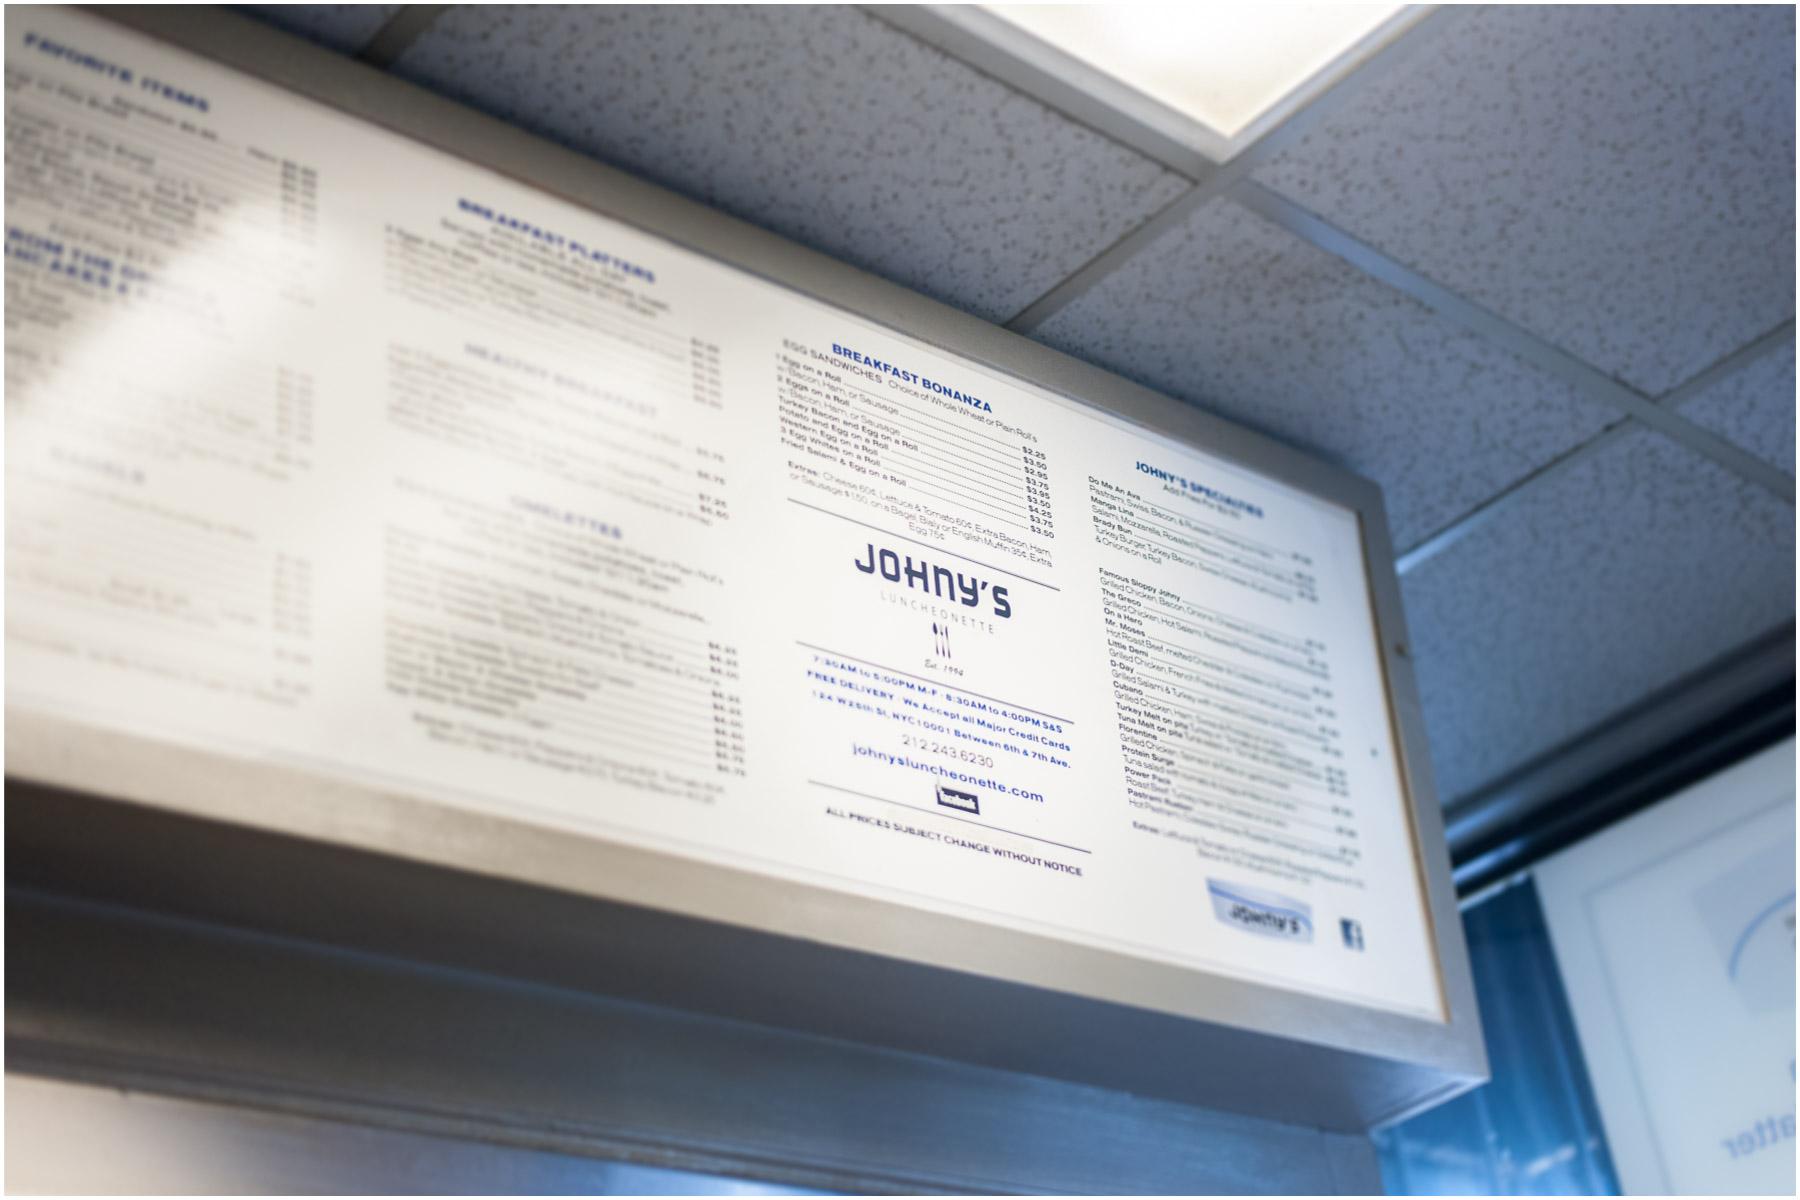 Johnys-Luncheonette-NYC_1.jpg